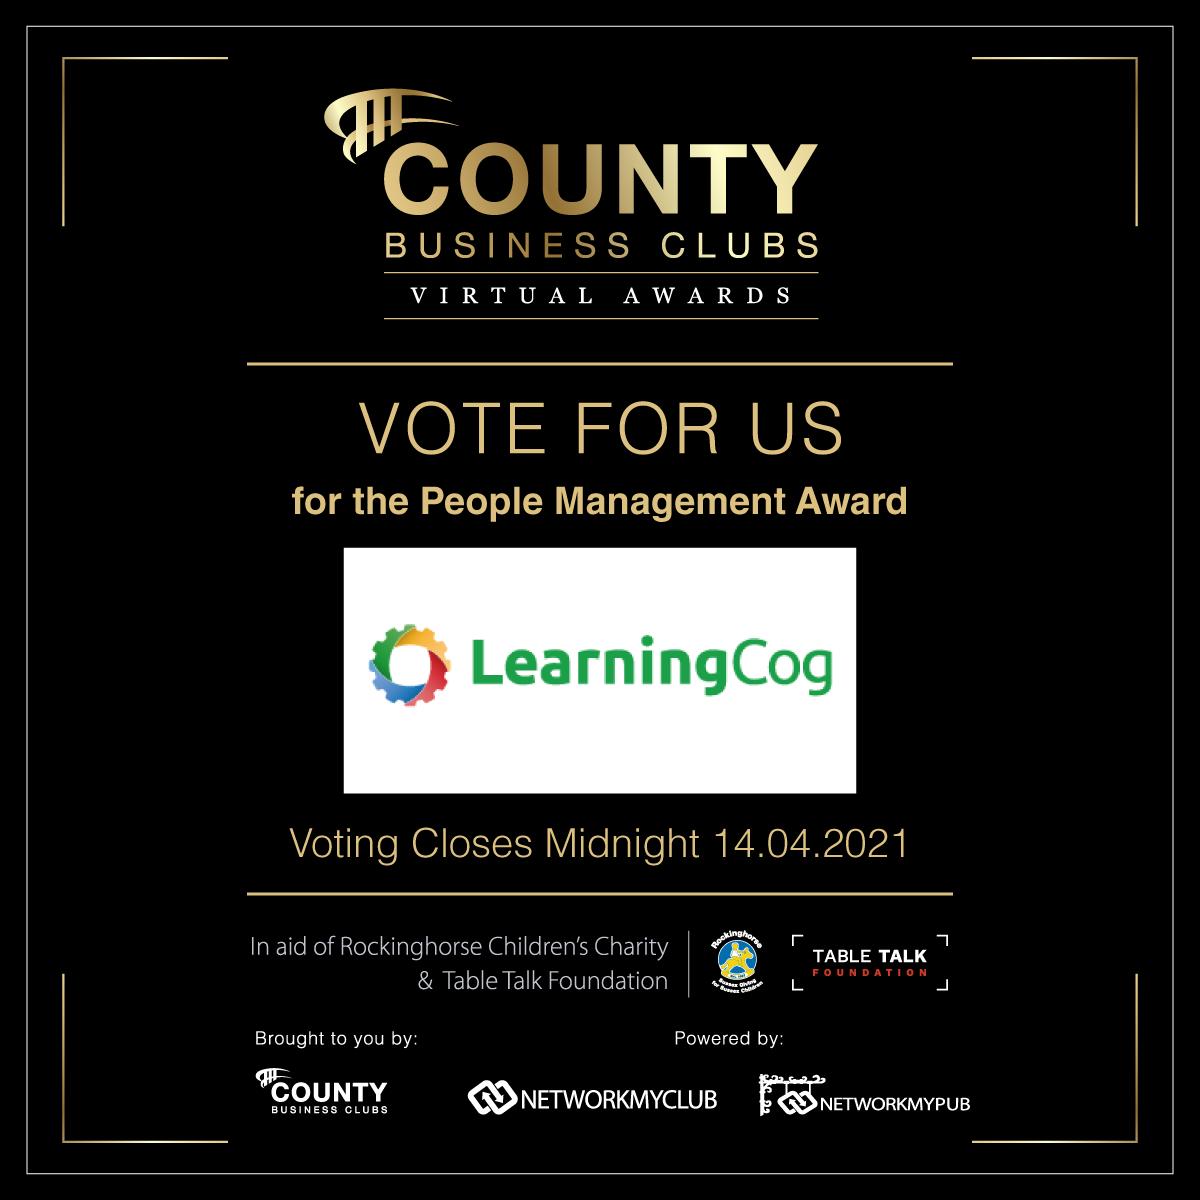 Vote for LearningCog